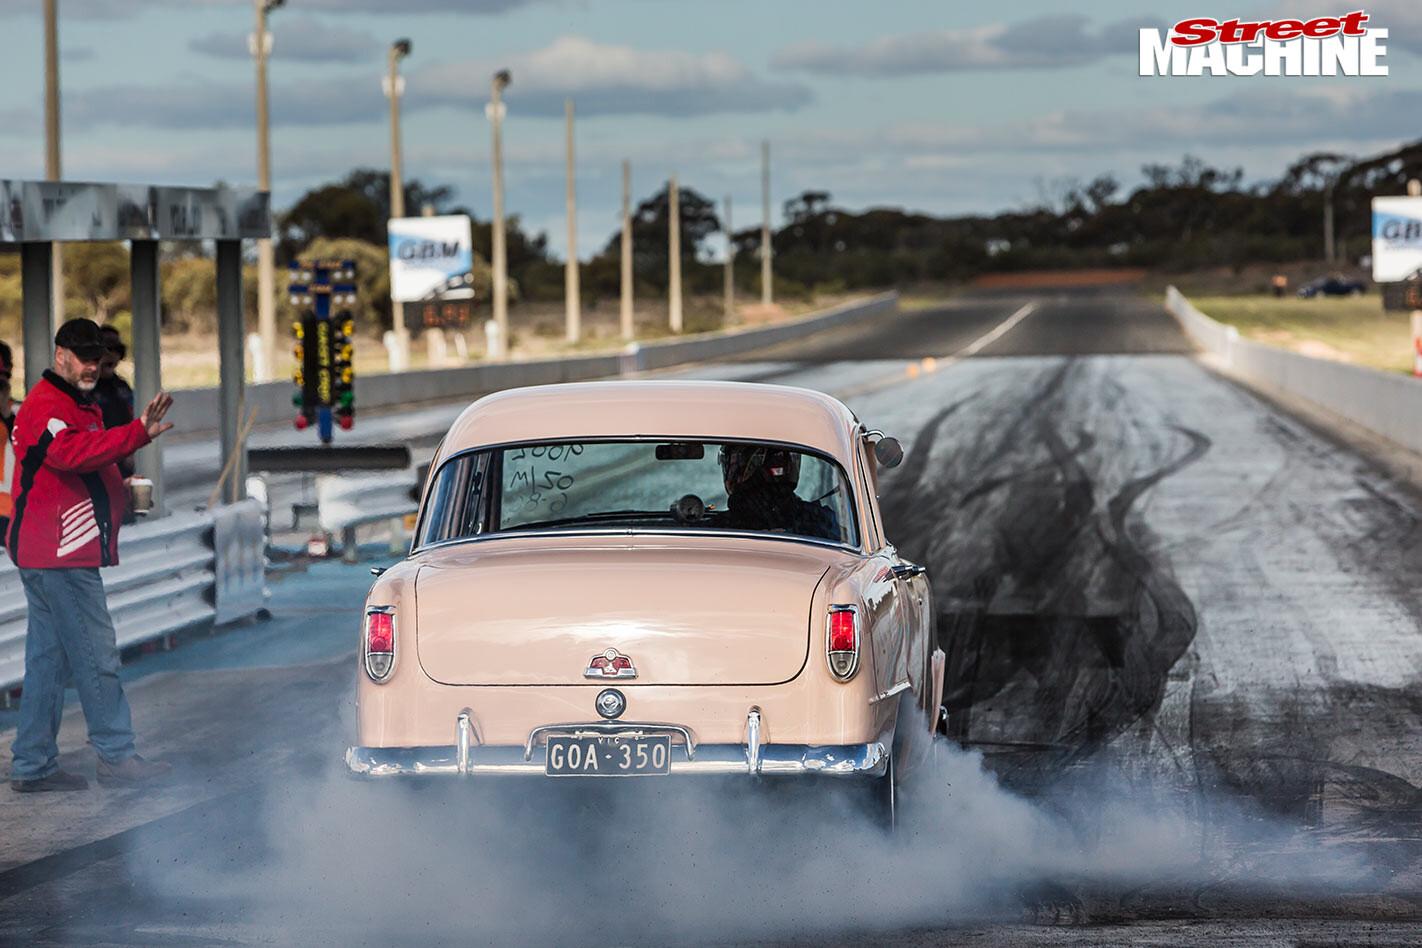 Chev-powered Holden FE